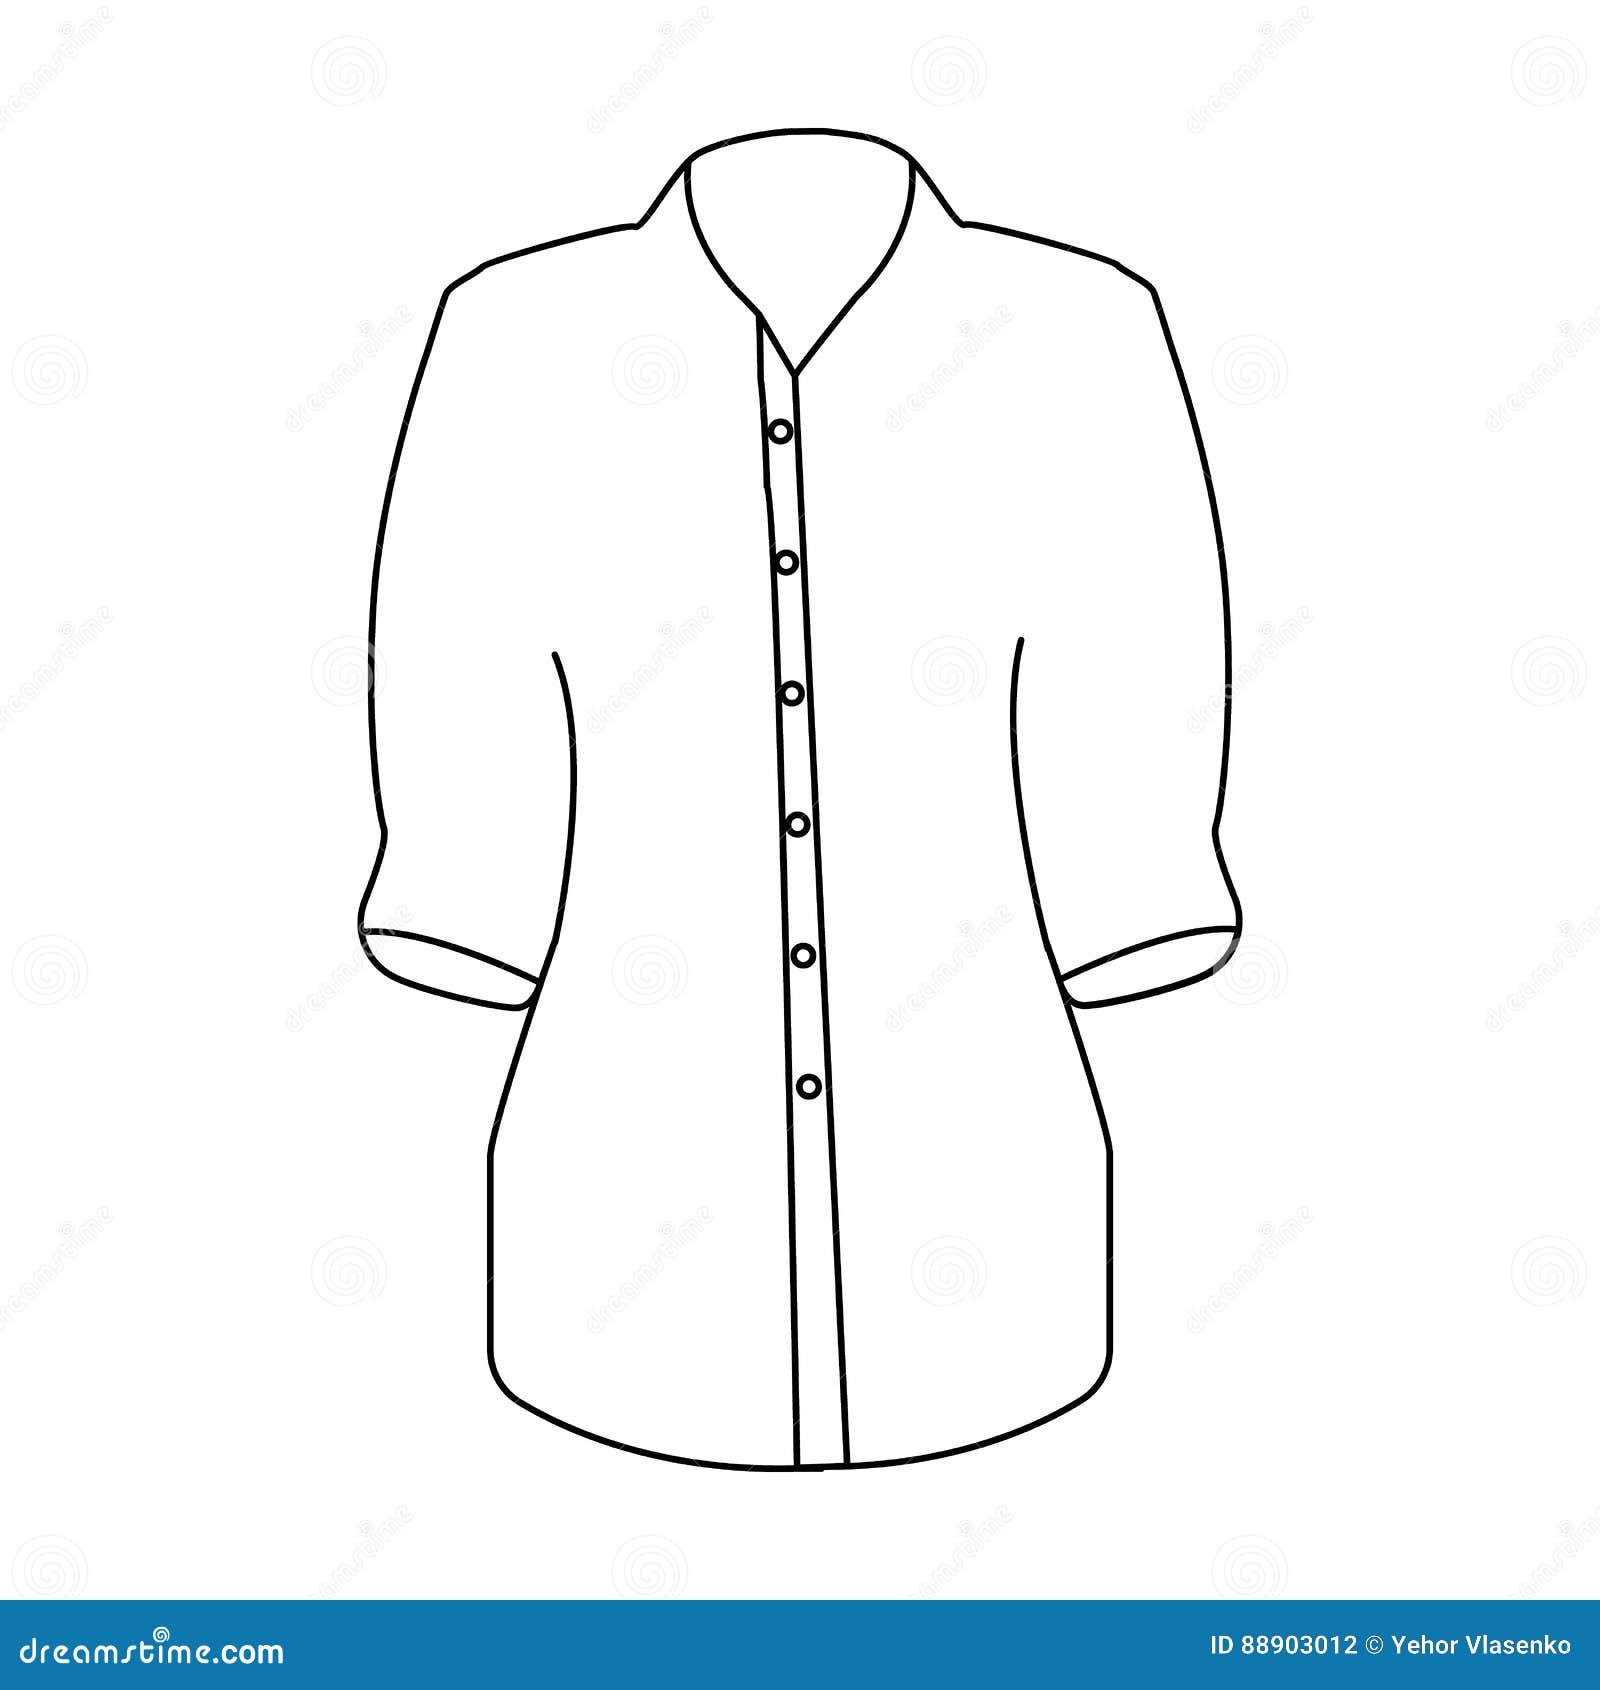 Ejemplo Viste Vestidas Mujeres Símbolo Vector Mujer Camisa Acción Icono De Del La Web Para En Ropa Las Elegante El Ceremonial Solo qvvBp1